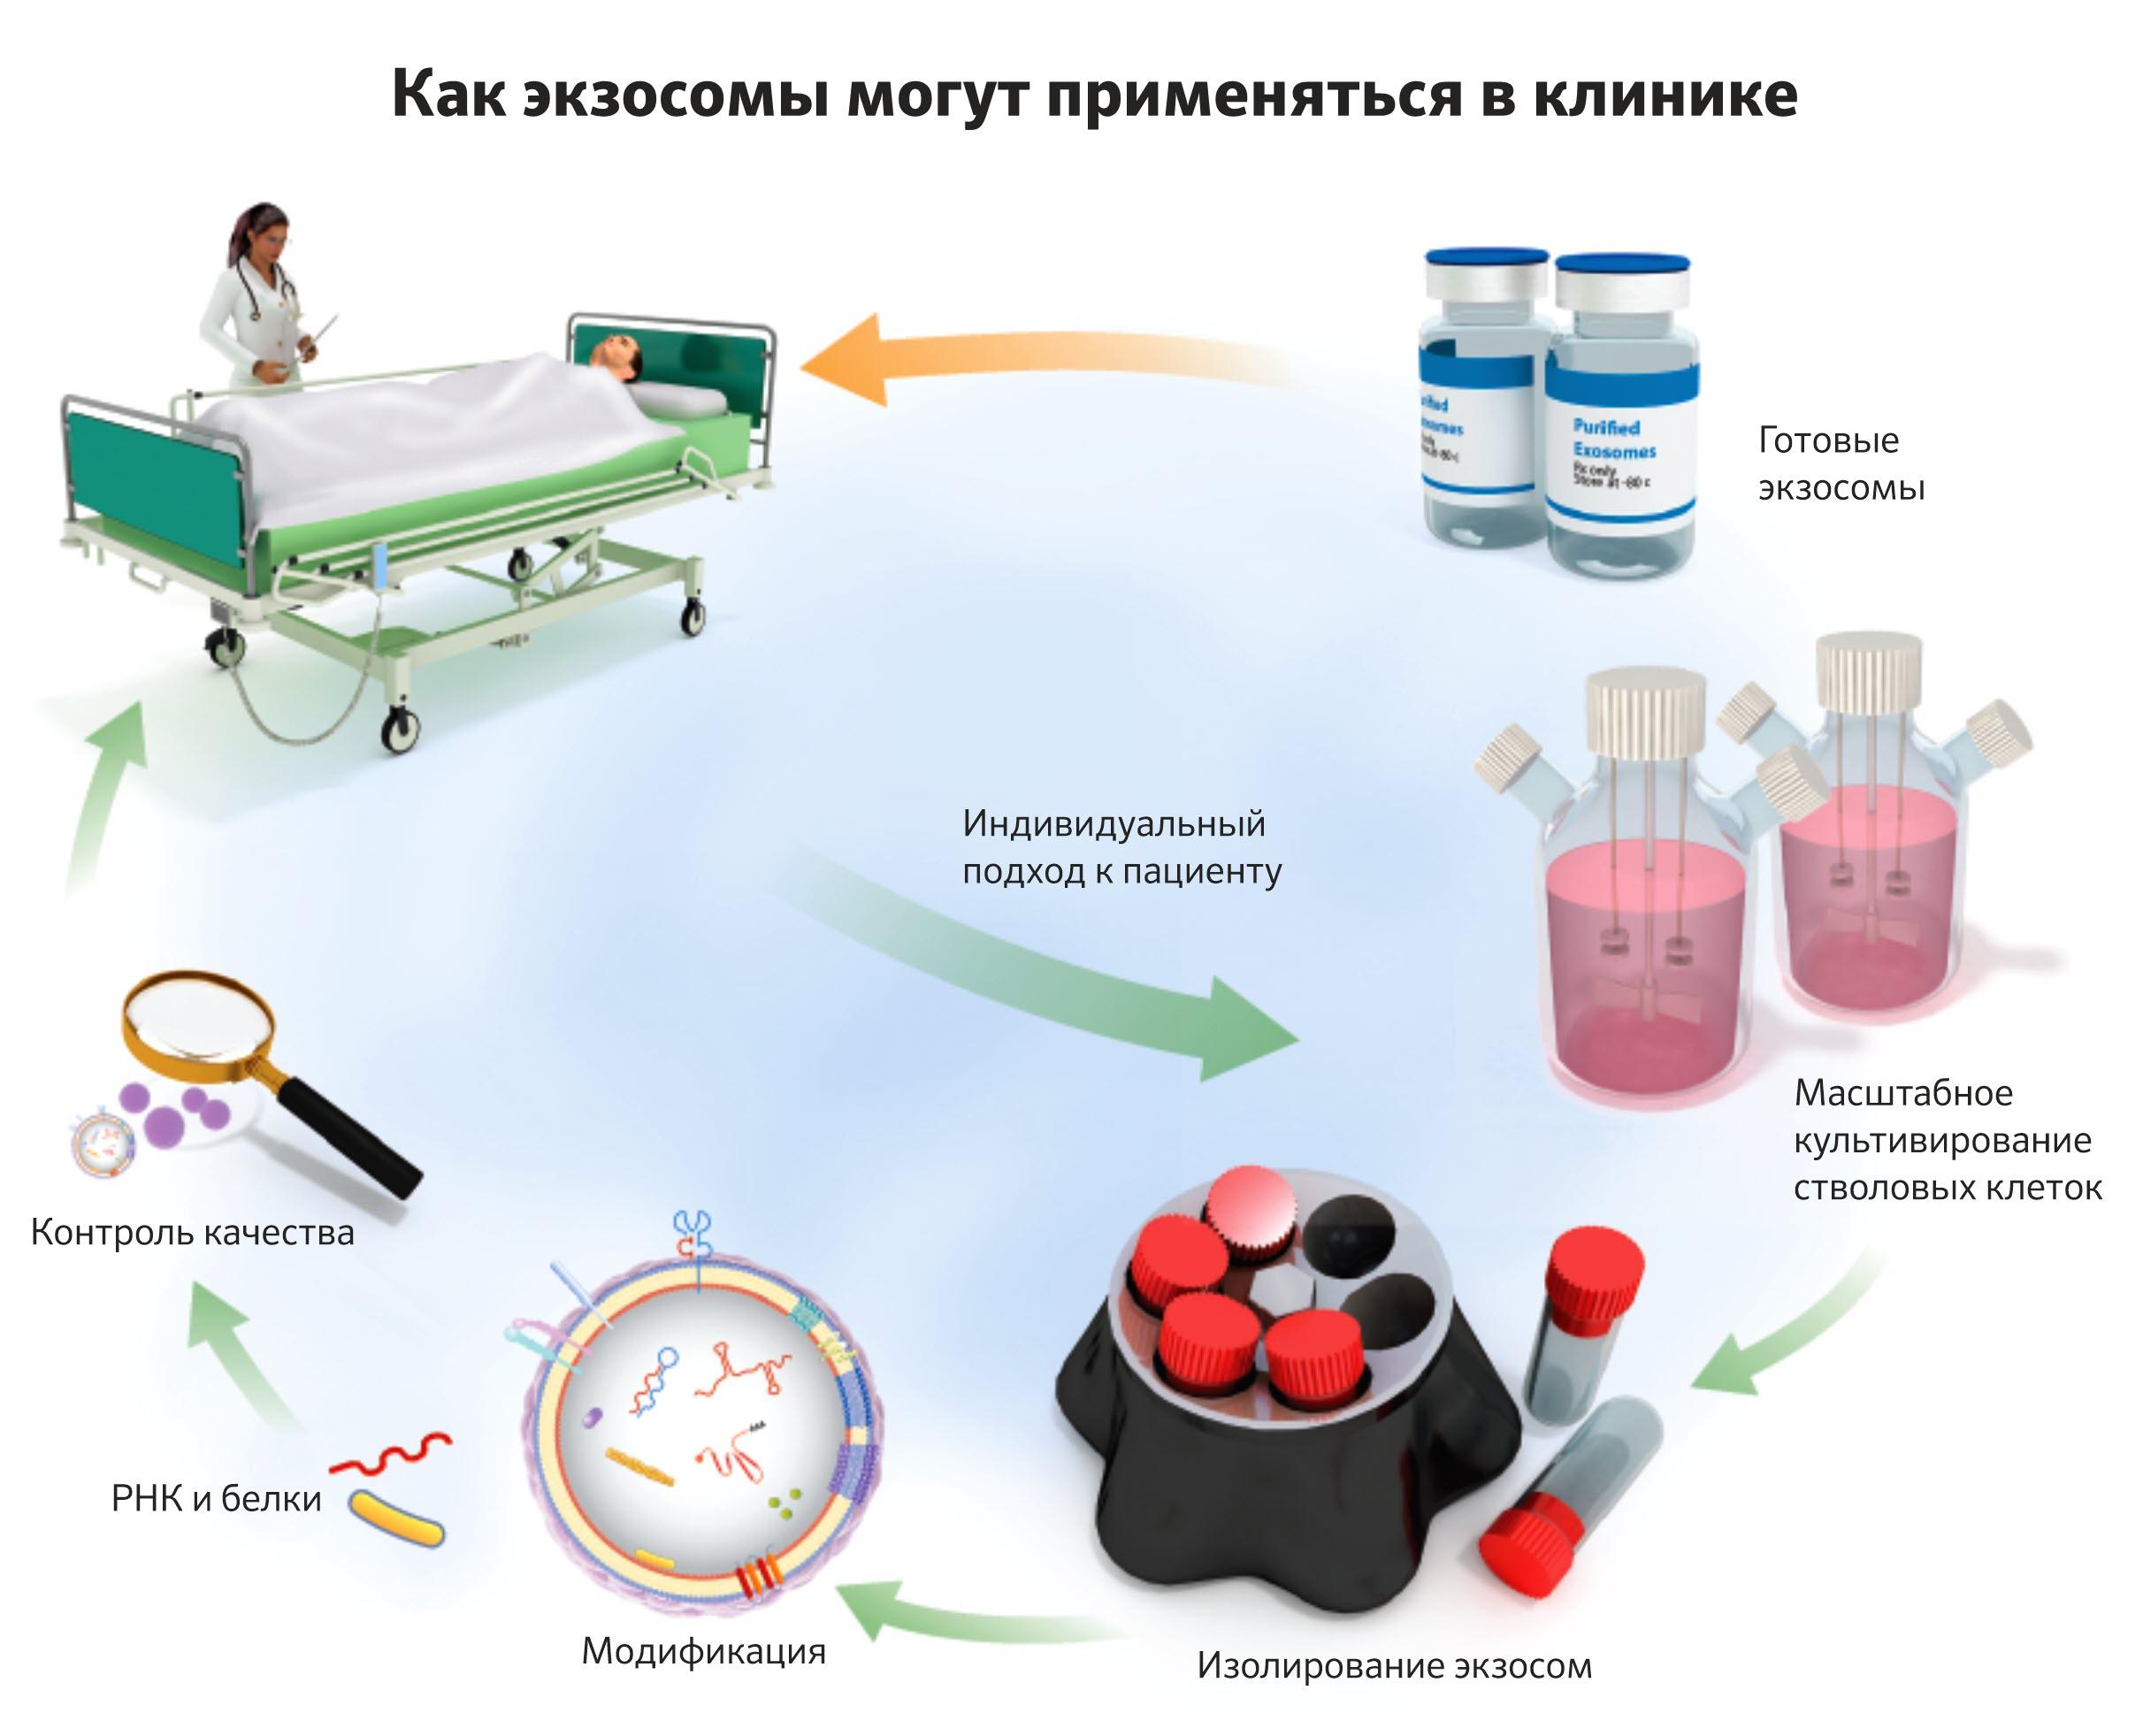 Стволовые клетки лечение простатита массажер урологический для простаты